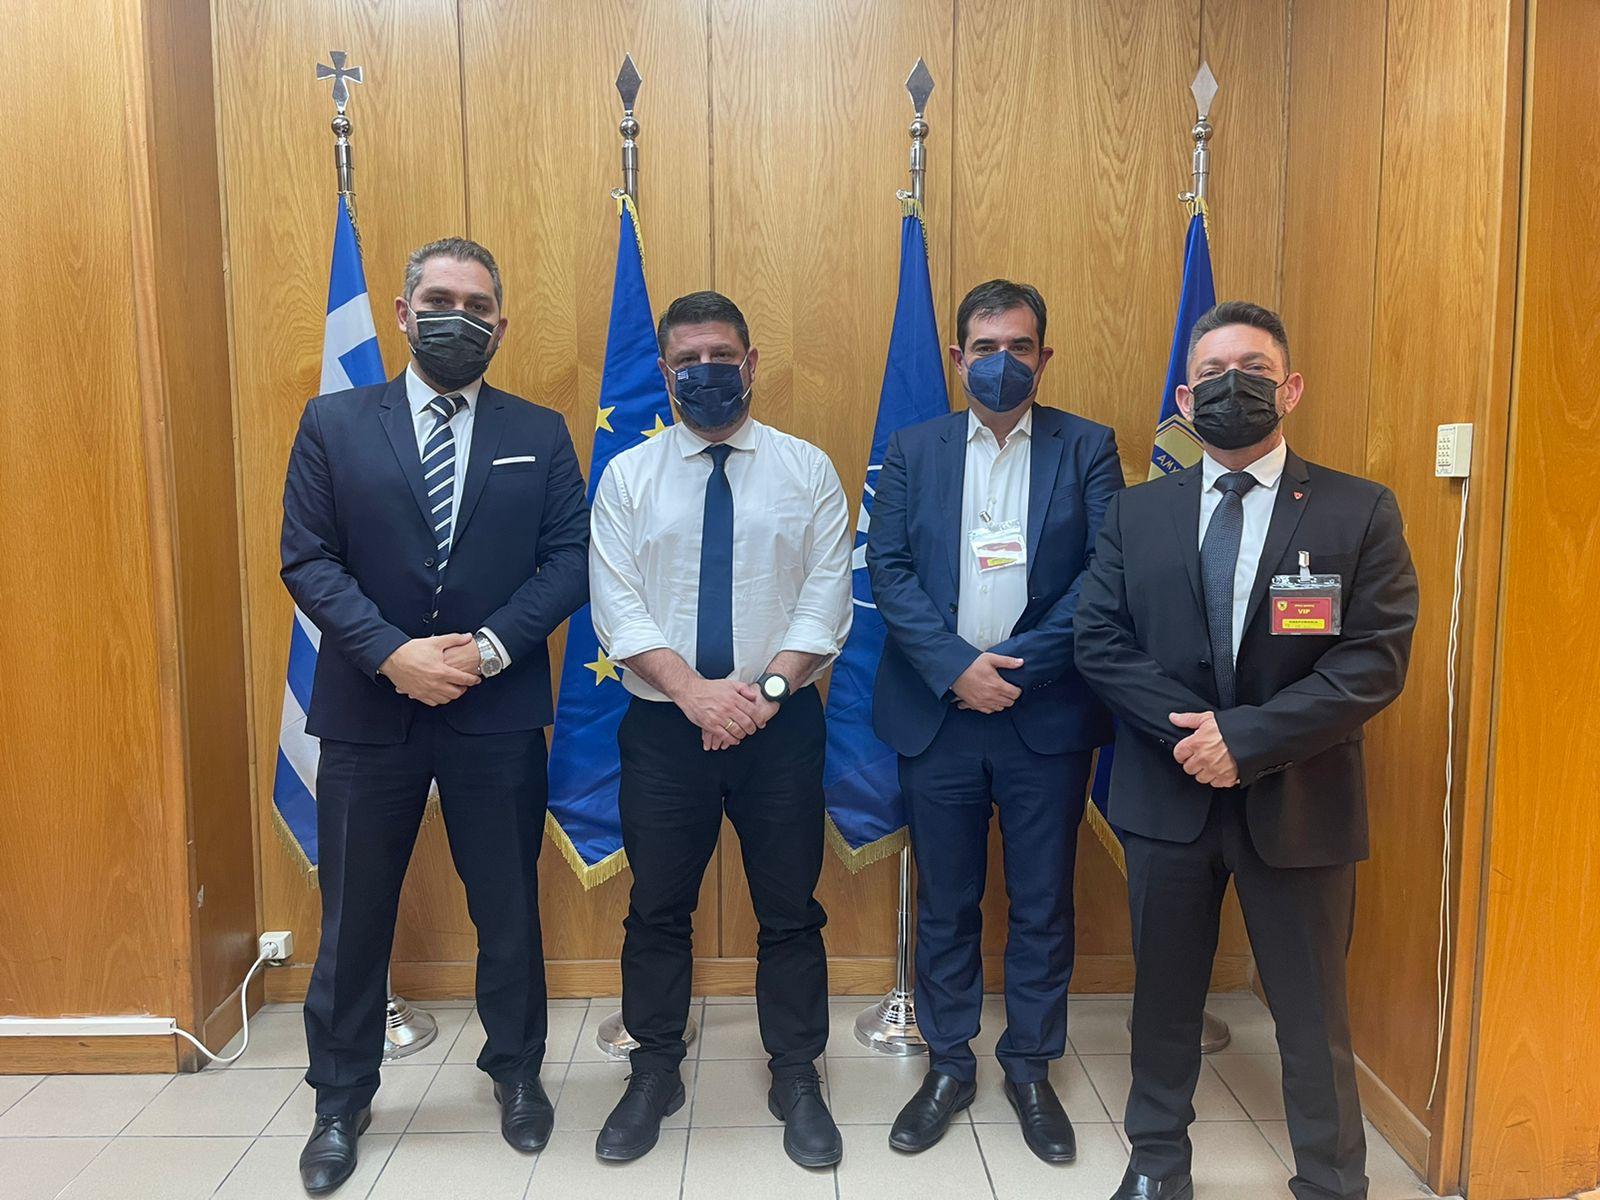 Το Υπουργείο Εθνικής Άμυνας στηρίζει έμπρακτα την ανάπτυξη των Υδροπλάνων. Συνάντηση με την διοίκηση της Hellenic Seaplanes … !